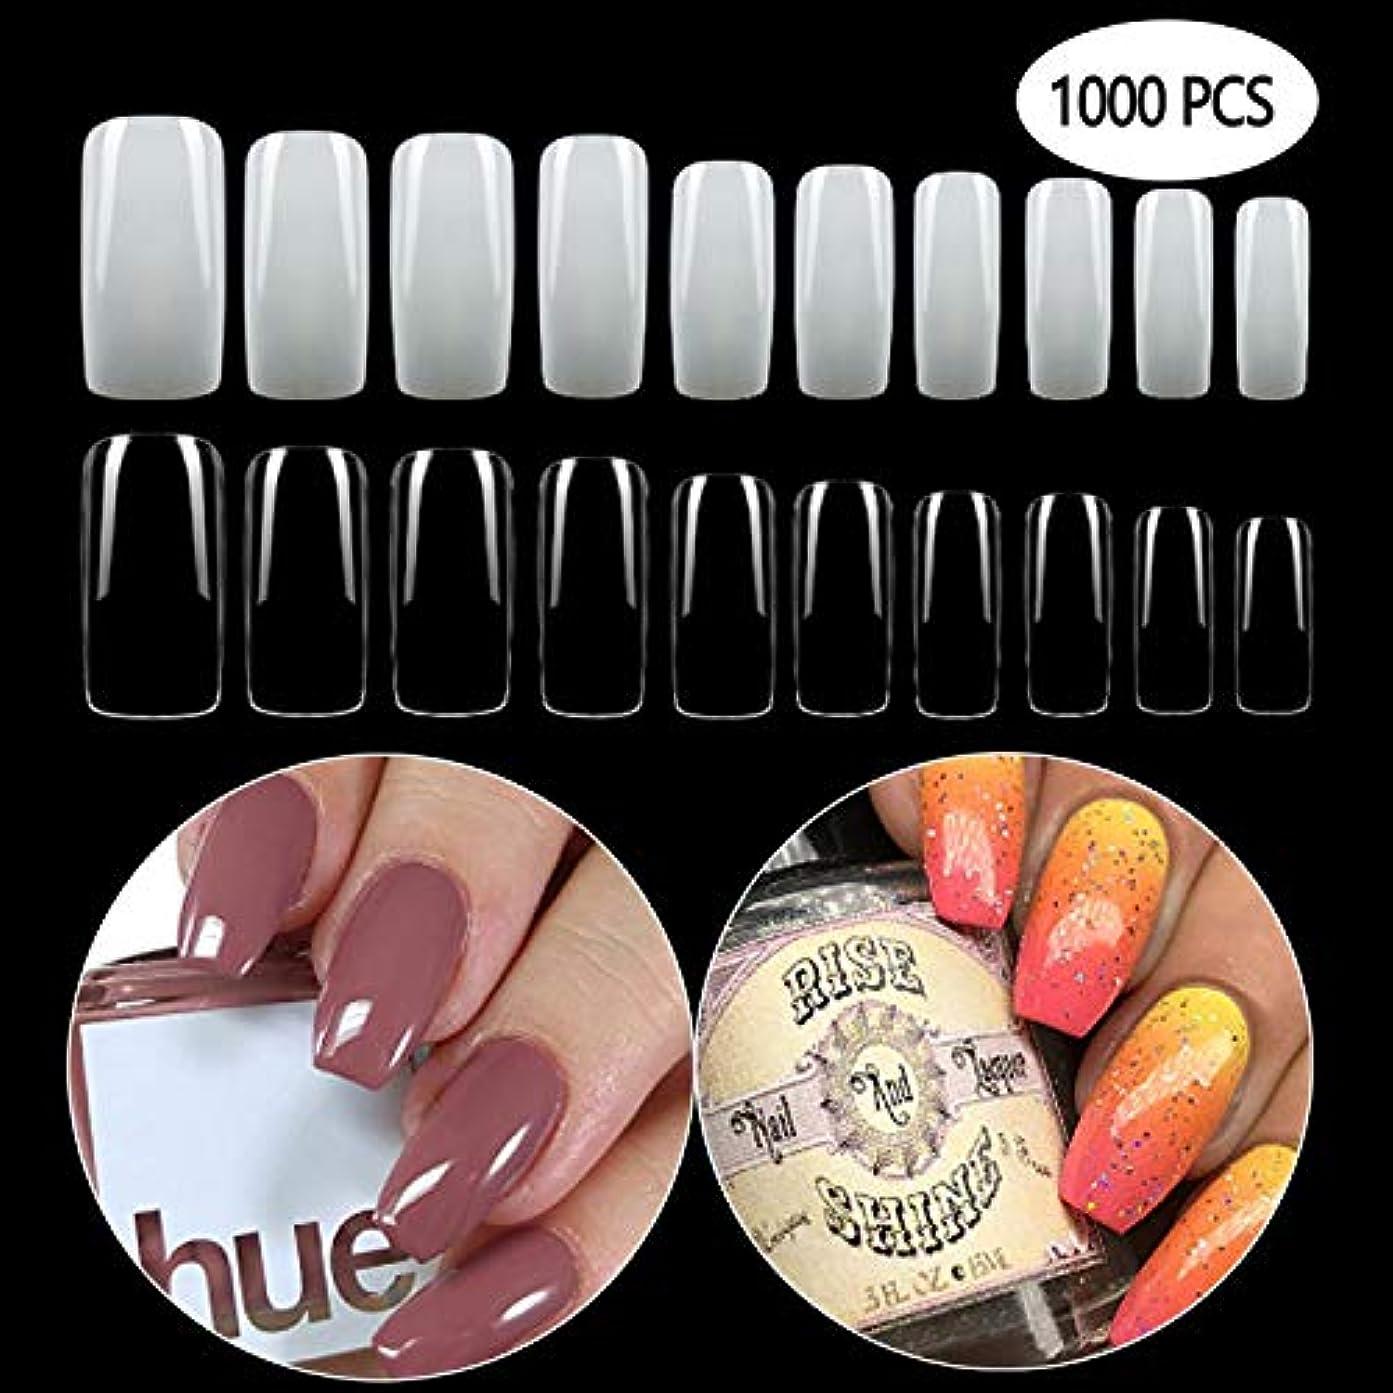 リーフレット宗教的な想起GCOA 1000枚入れ ネイルチップ 偽爪 つけ爪 ネイル用品 10サイズ ショート デコレーション 無地 付け爪 練習用 爪にピッタリ 卵形 短い (500透明+500自然)